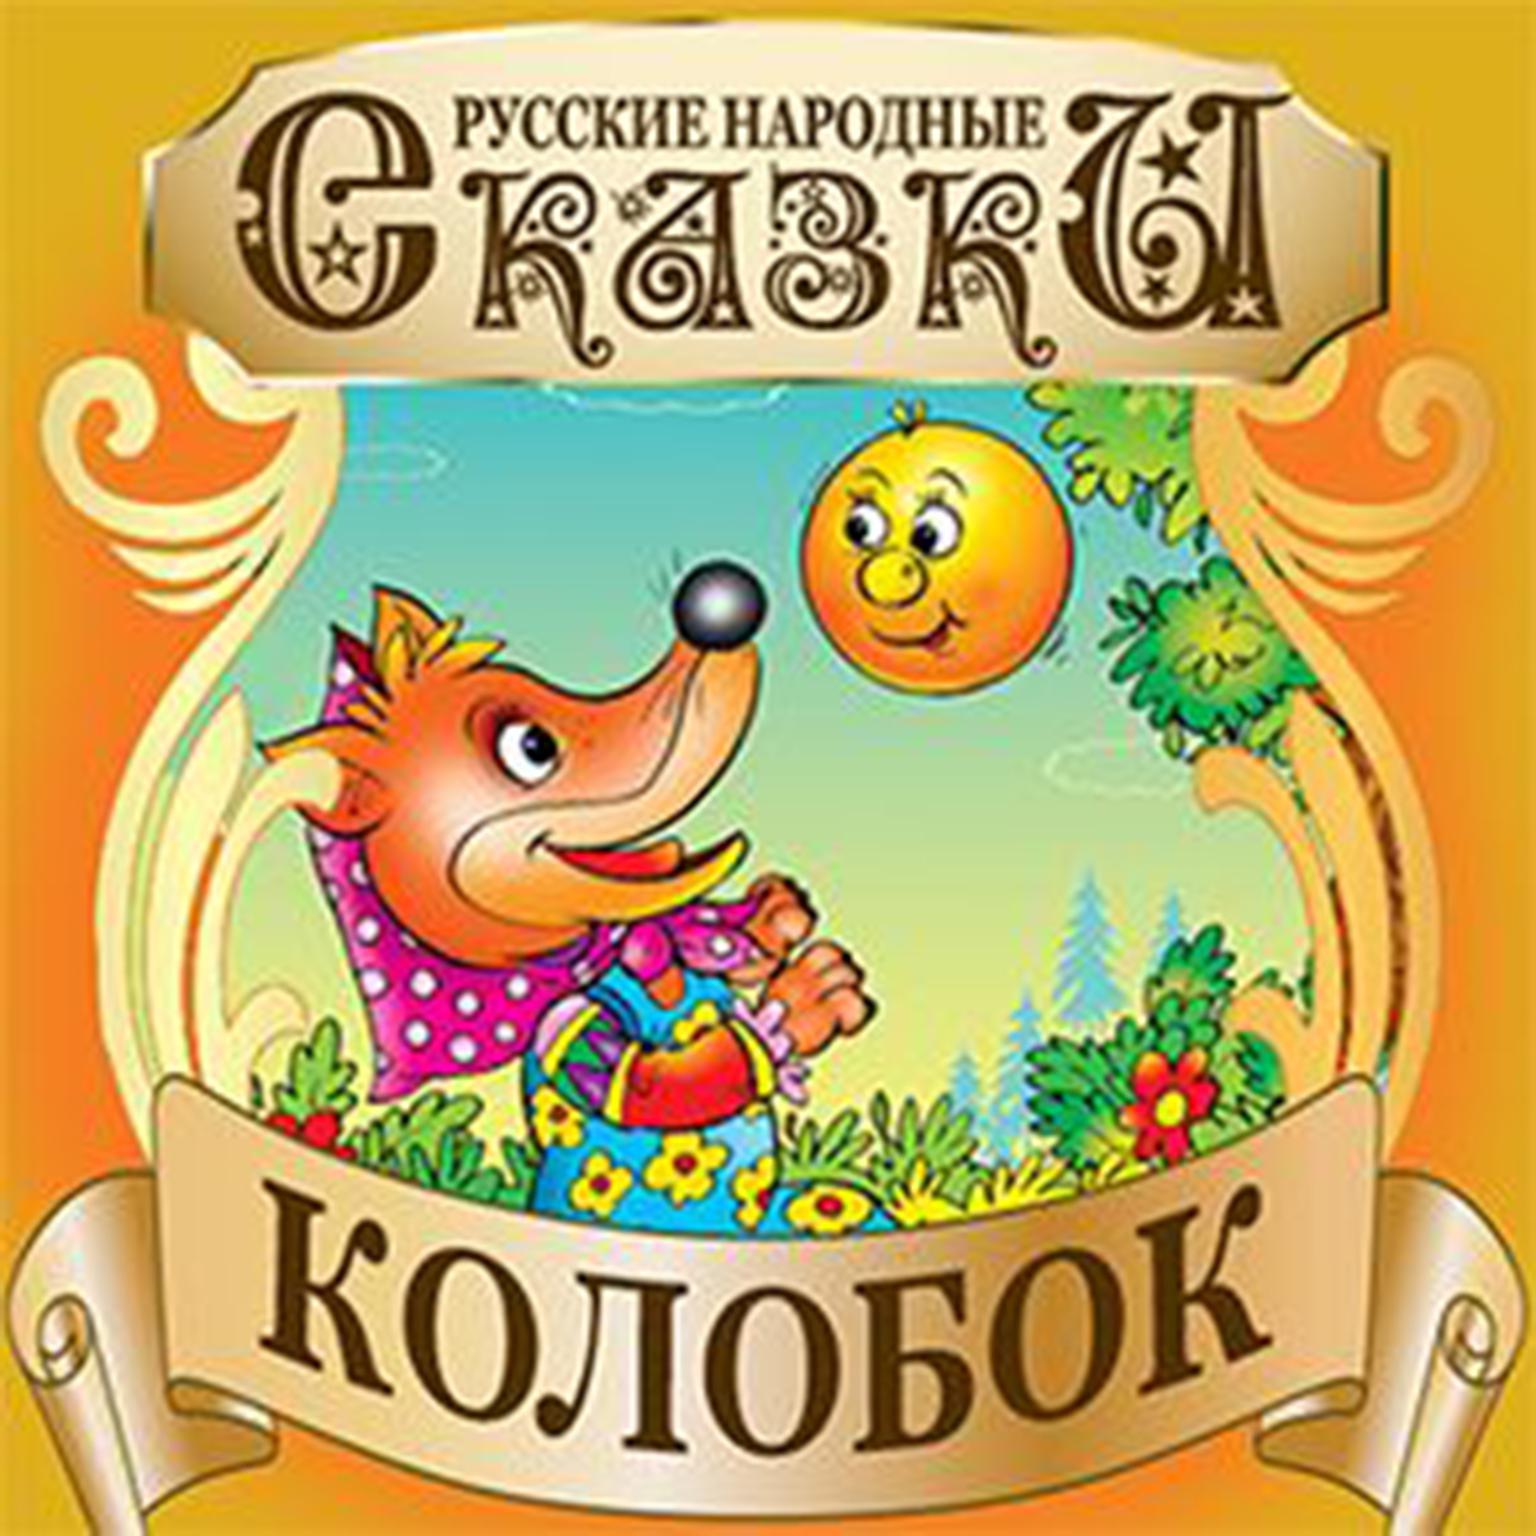 Gingerbread Man (Kolobok) [Russian Edition] Audiobook, by Folktale